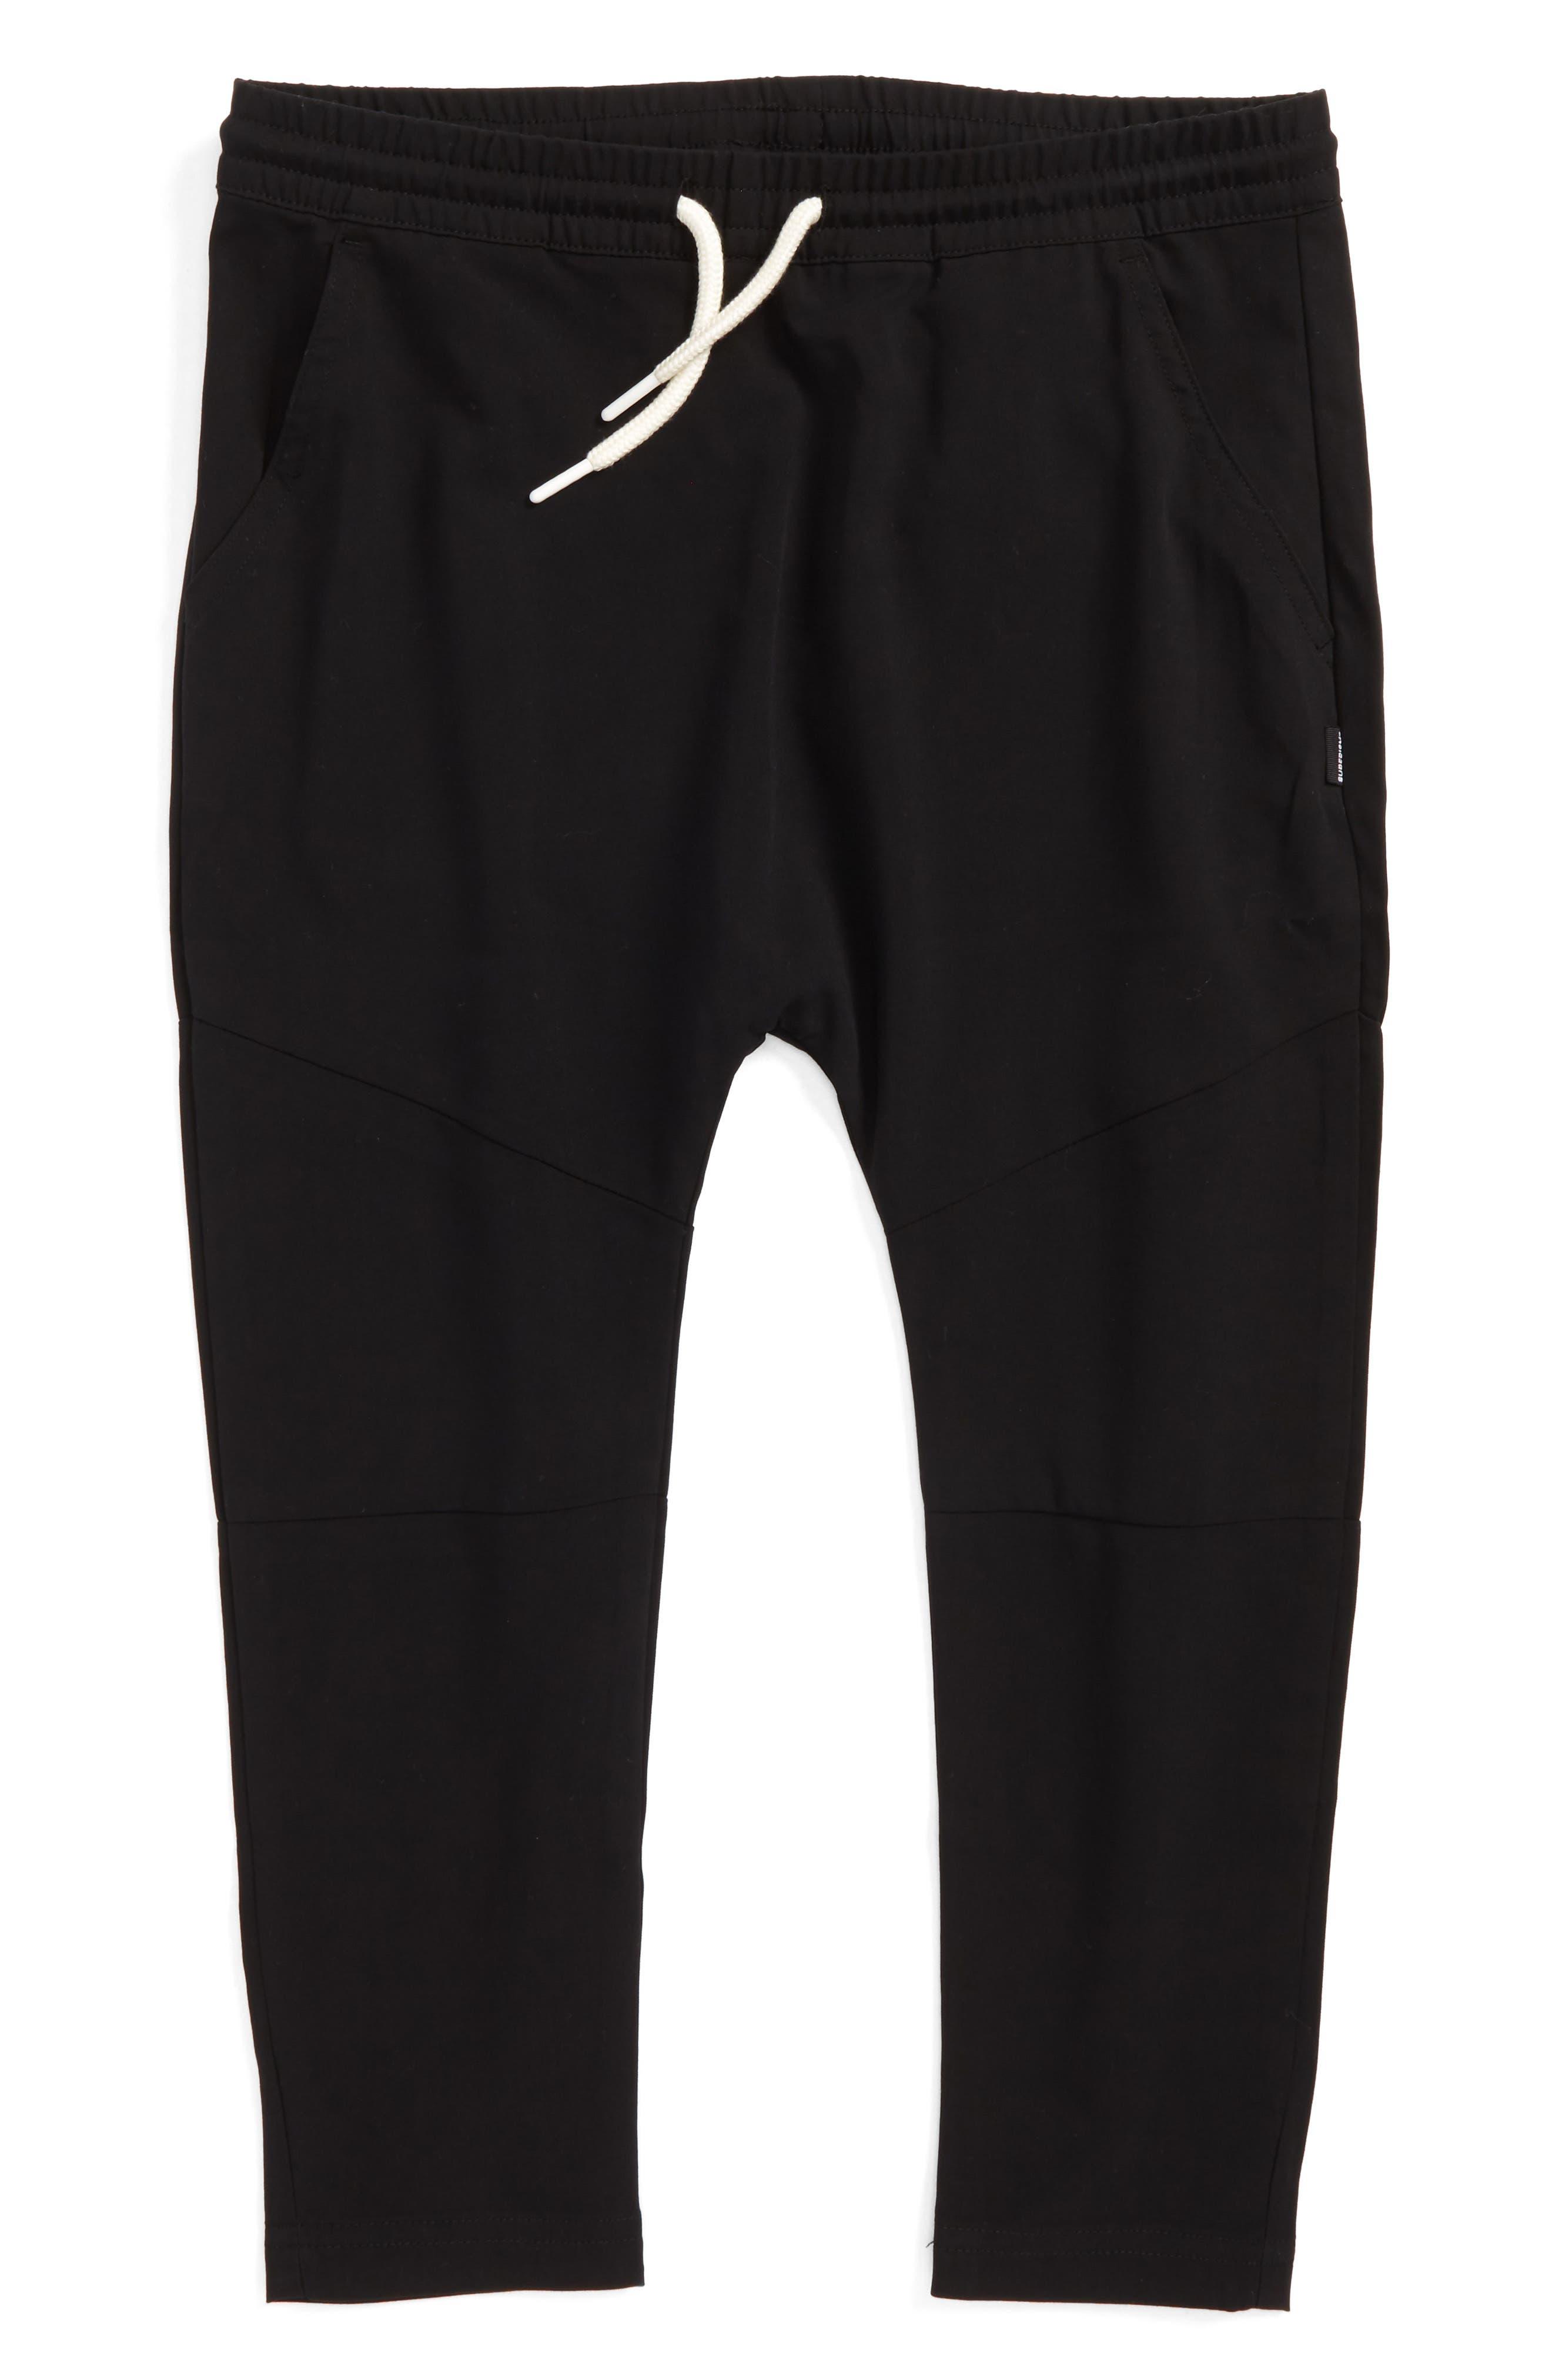 SUPERISM Elliot Woven Jogger Pants, Main, color, 001